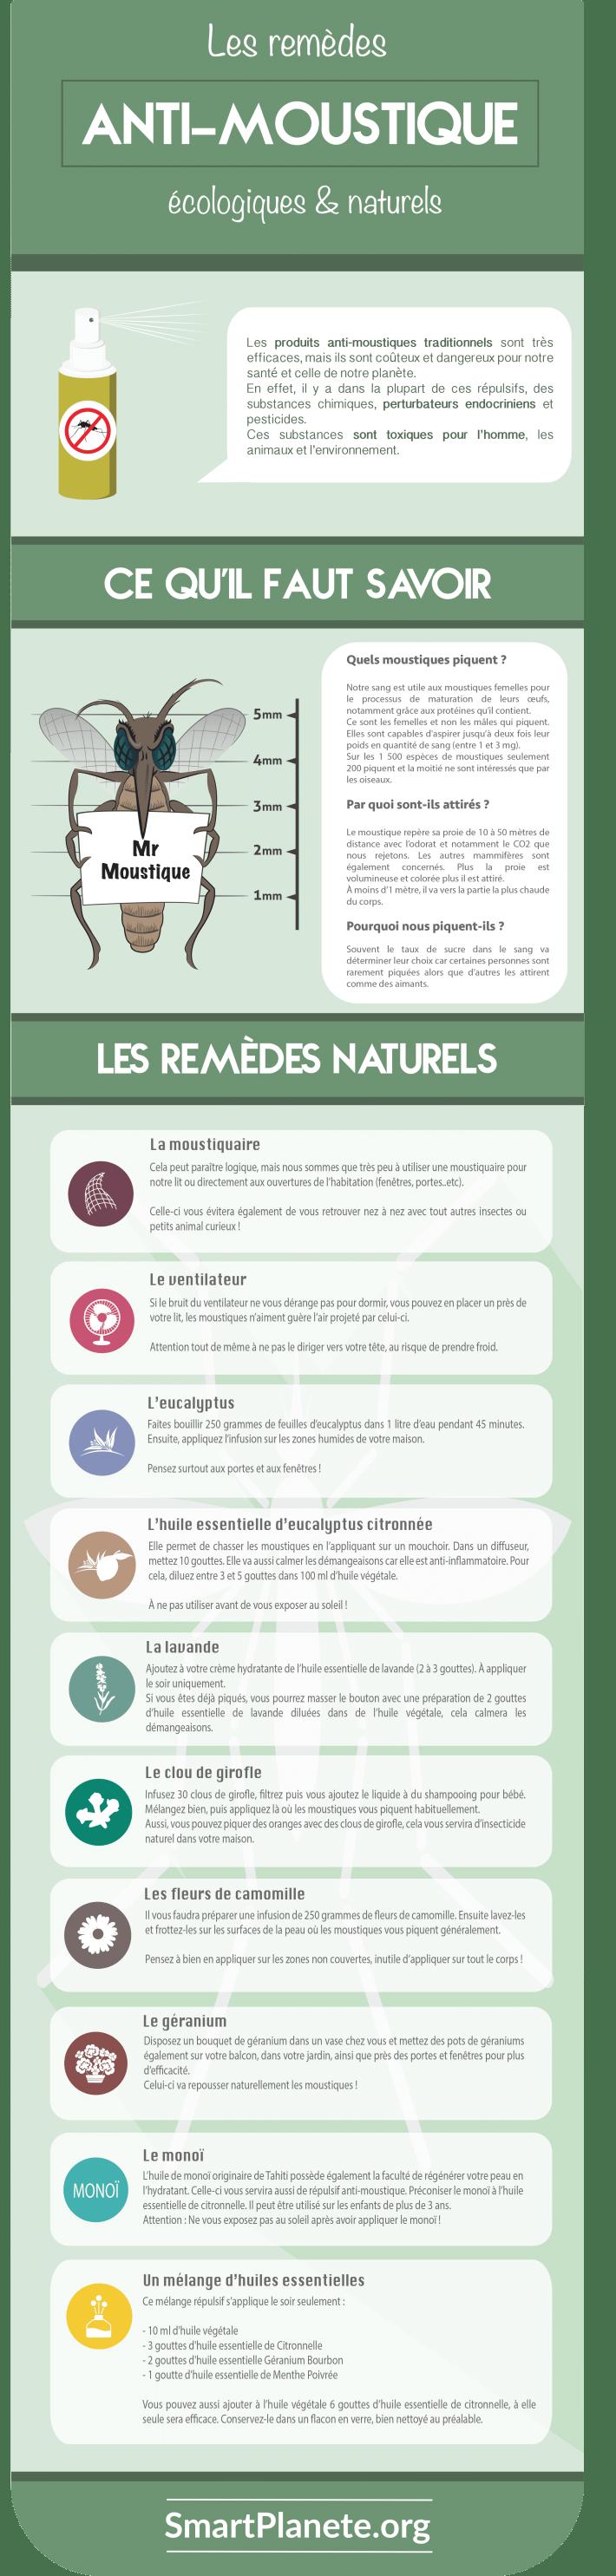 Infographie solutions naturelles anti-moustiques